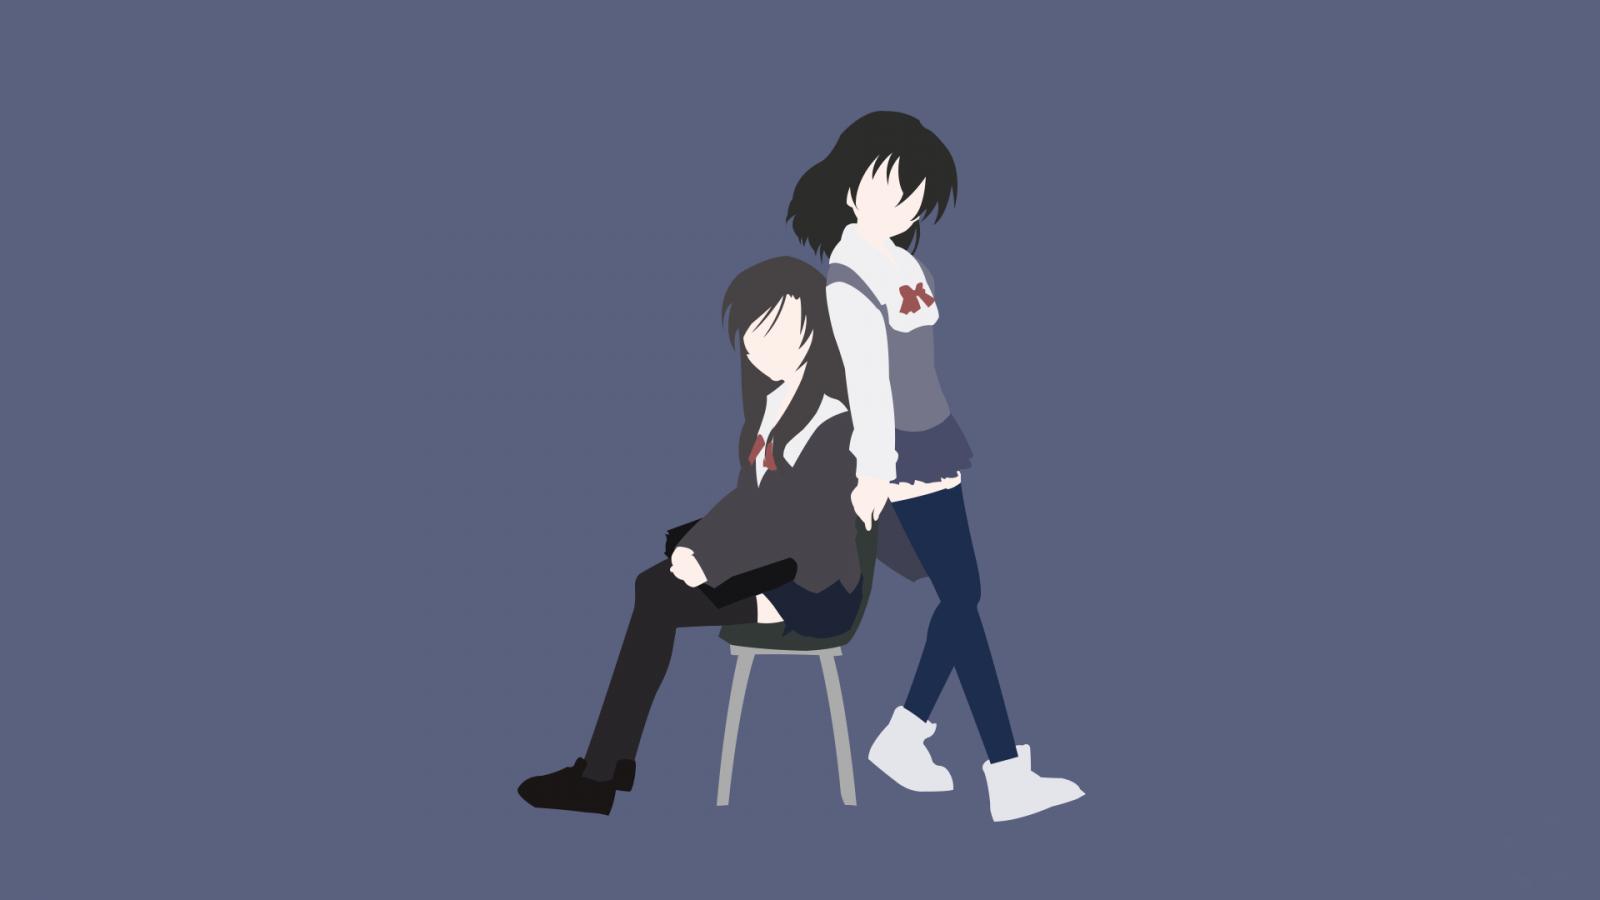 Wallpaper Ilustrasi Gadis Anime Pria Gambar Kartun